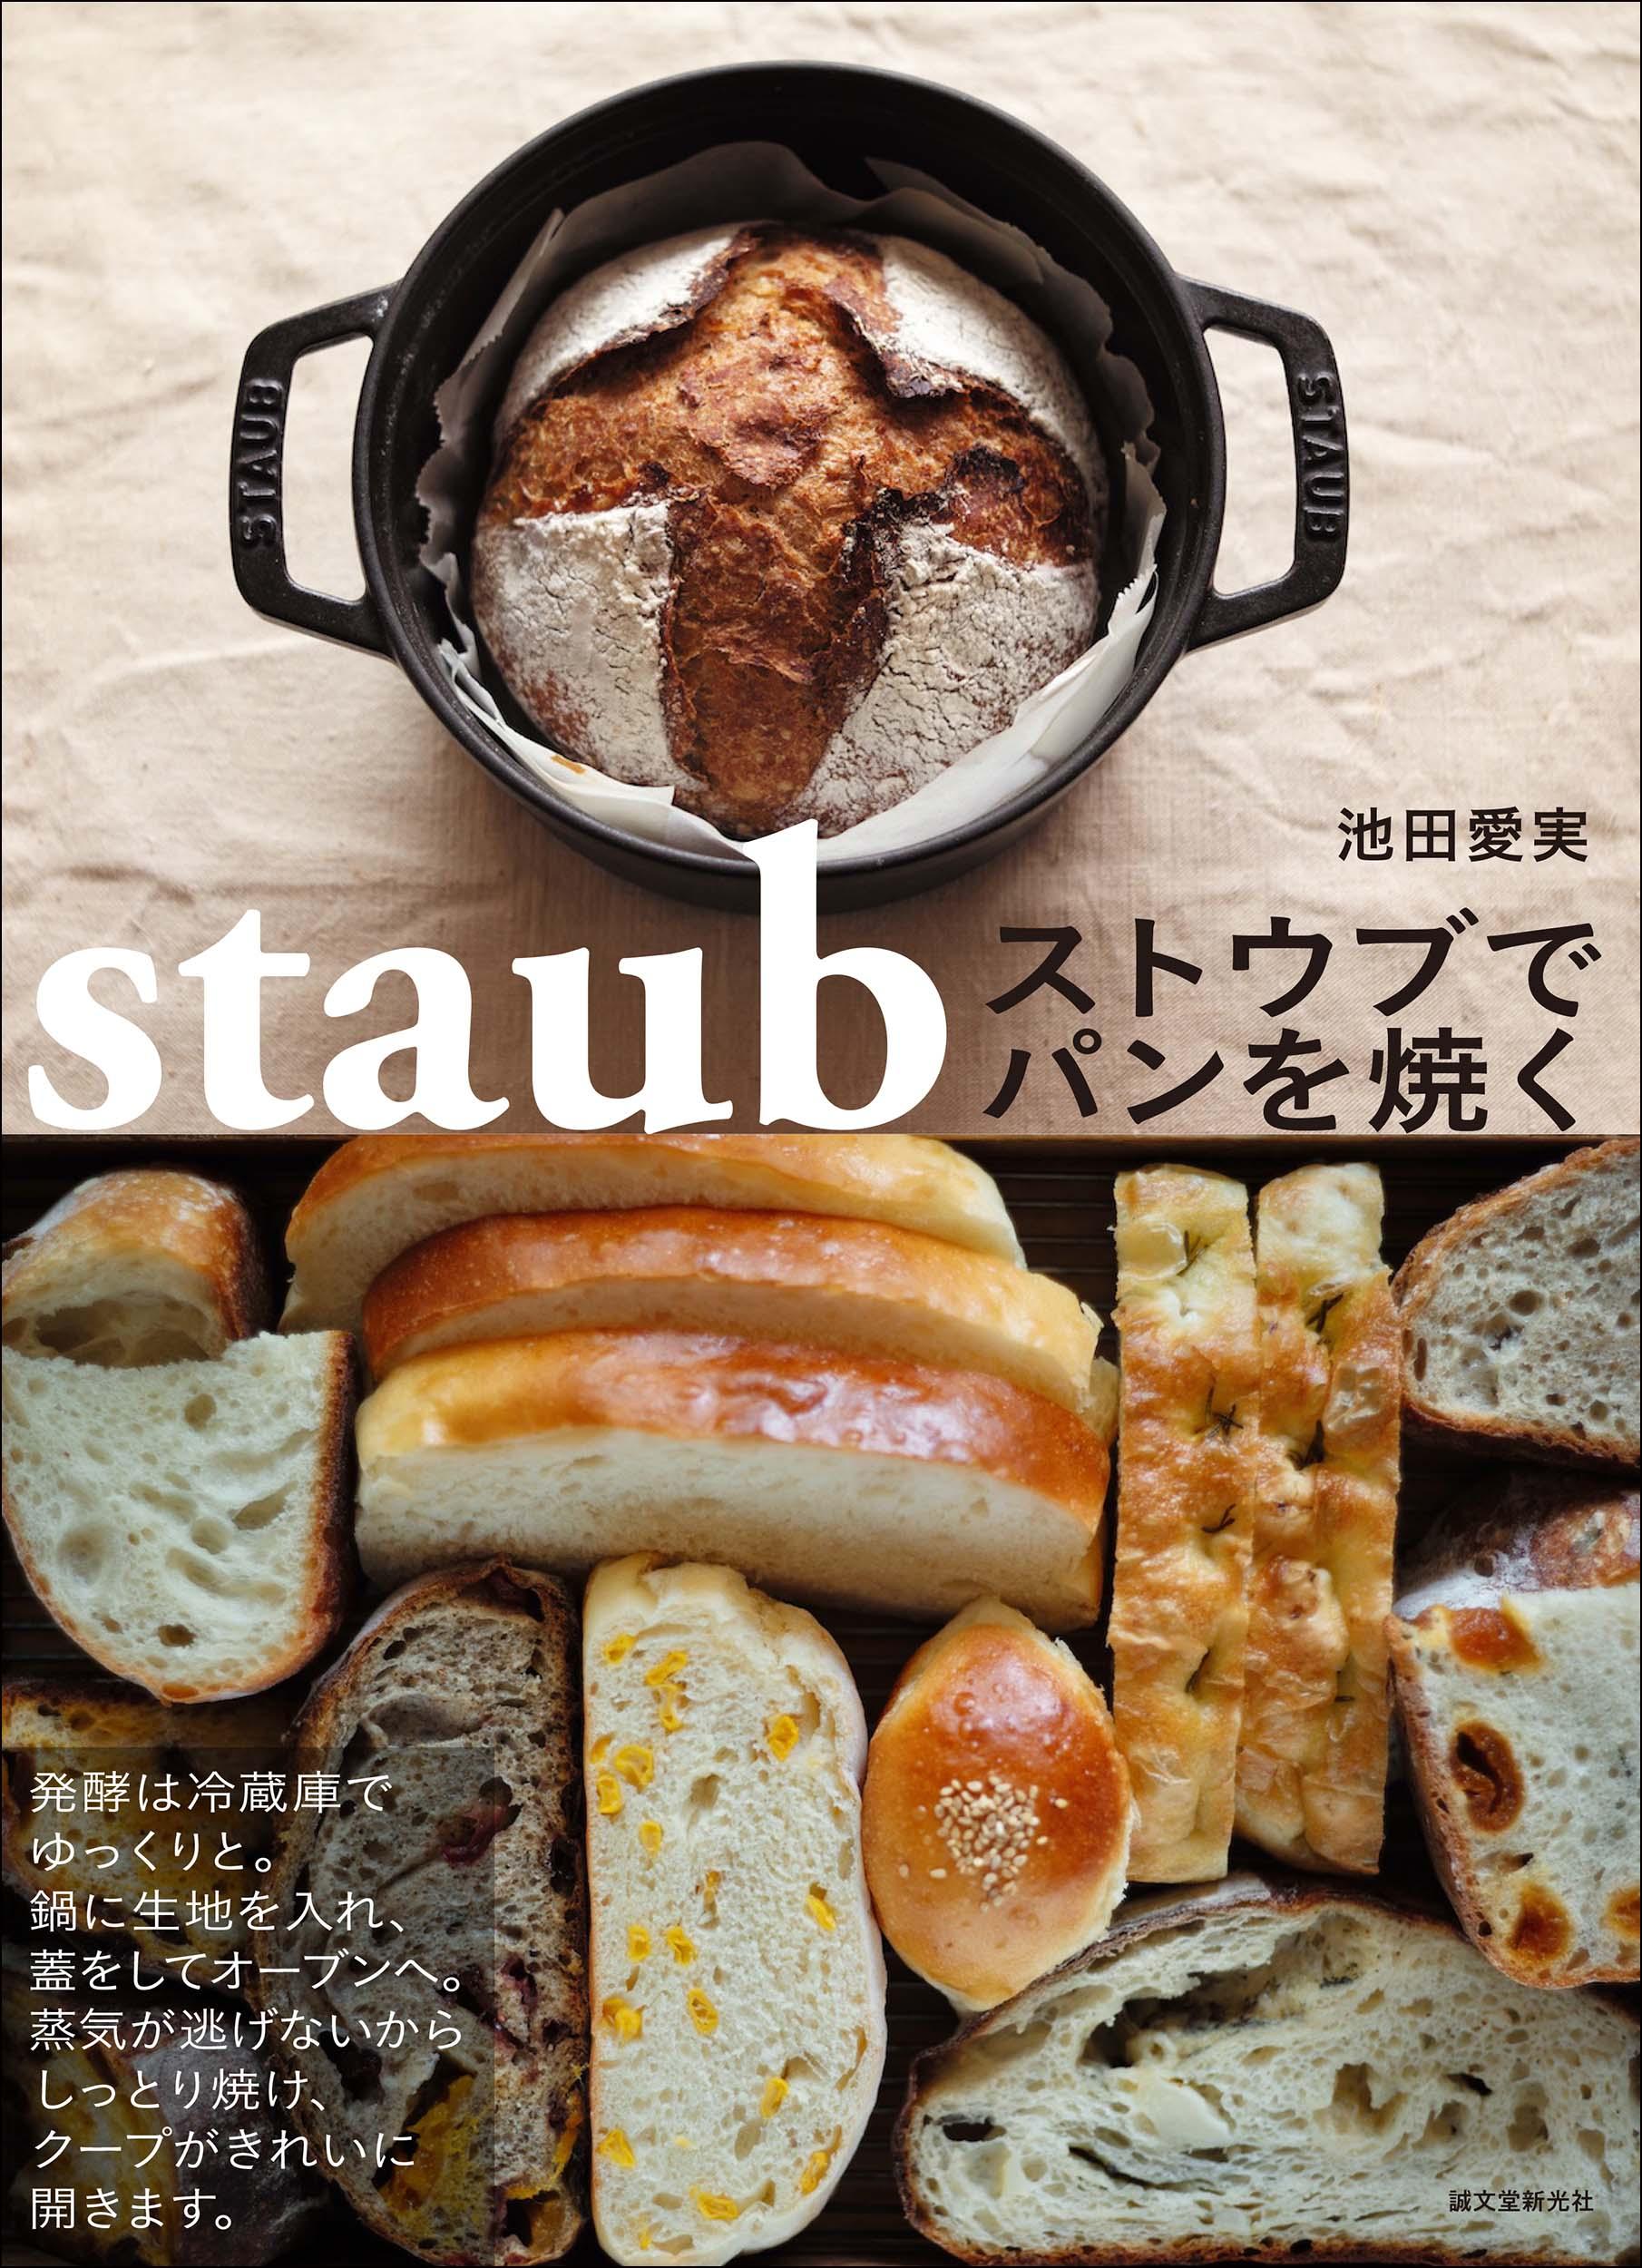 ふっくら美味しいパンが焼ける、ストウブで焼くパン作りの決定版レシピ集!【見た目も可愛らしいので、食卓に置くだけで映えること間違いなし!】